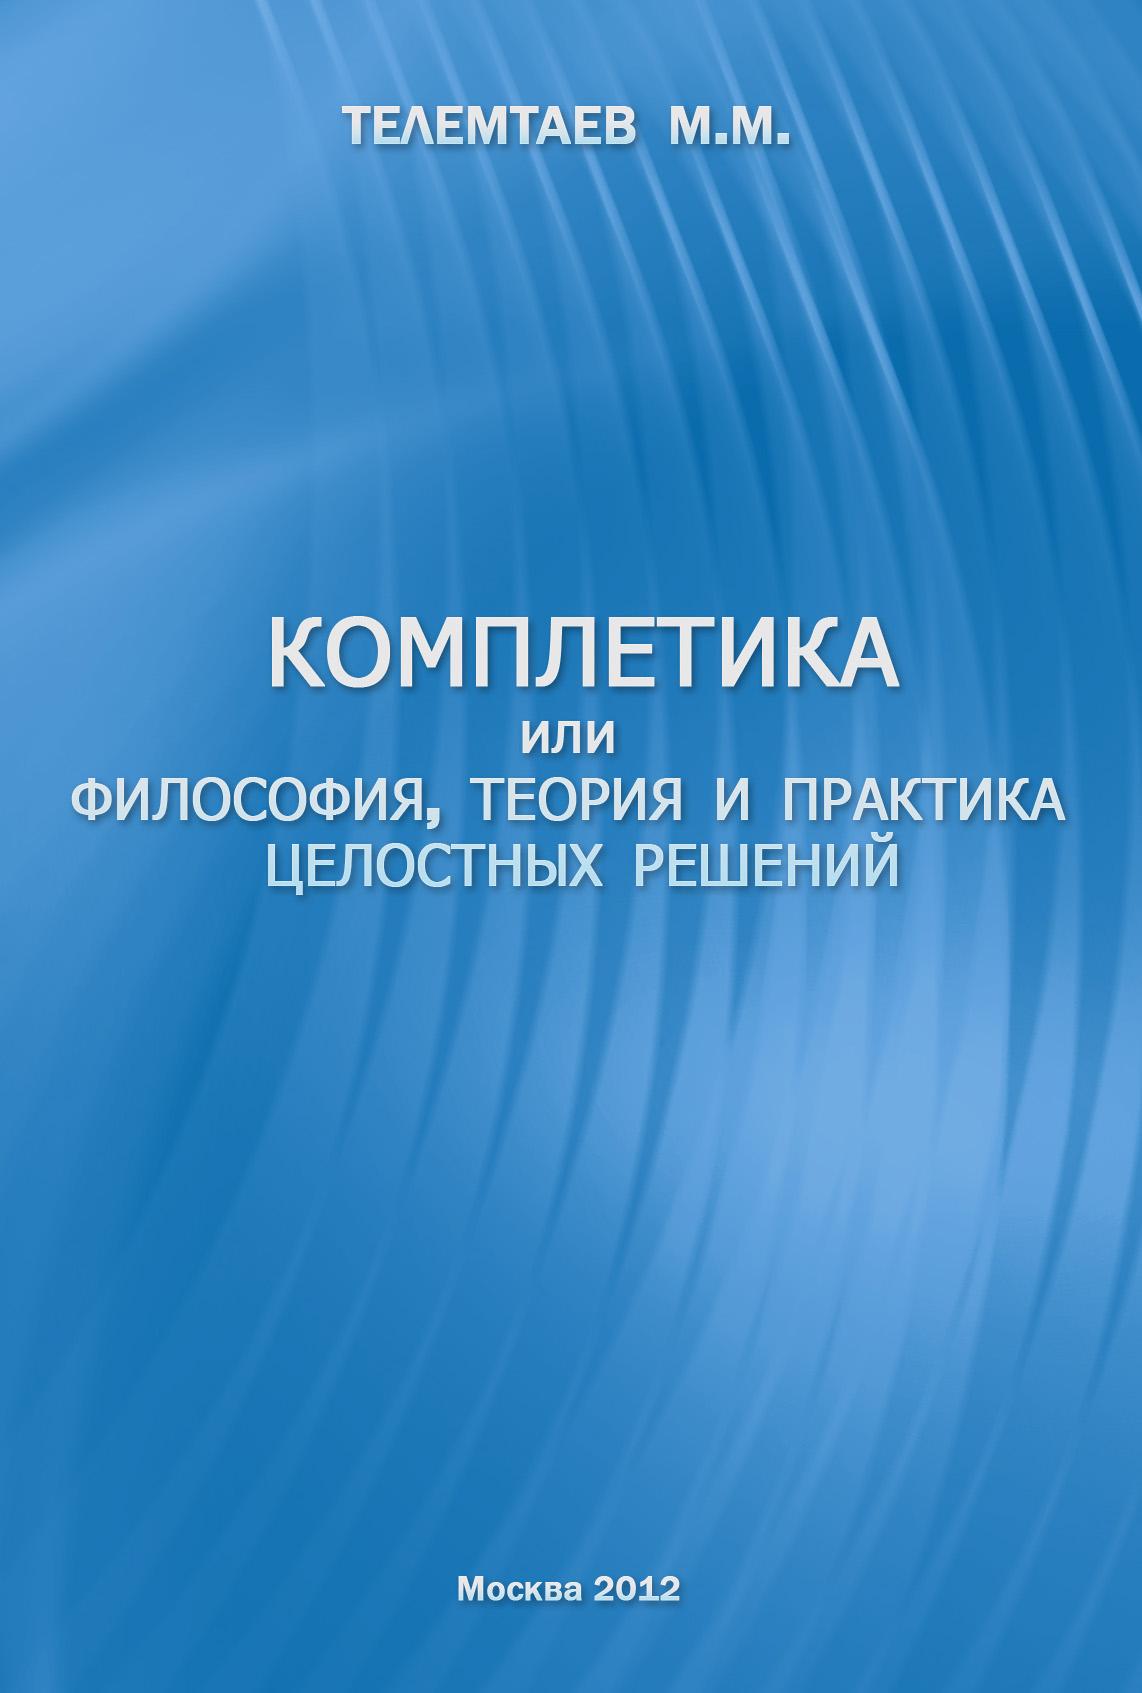 все цены на Марат Телемтаев Комплетика или философия, теория и практика целостных решений онлайн